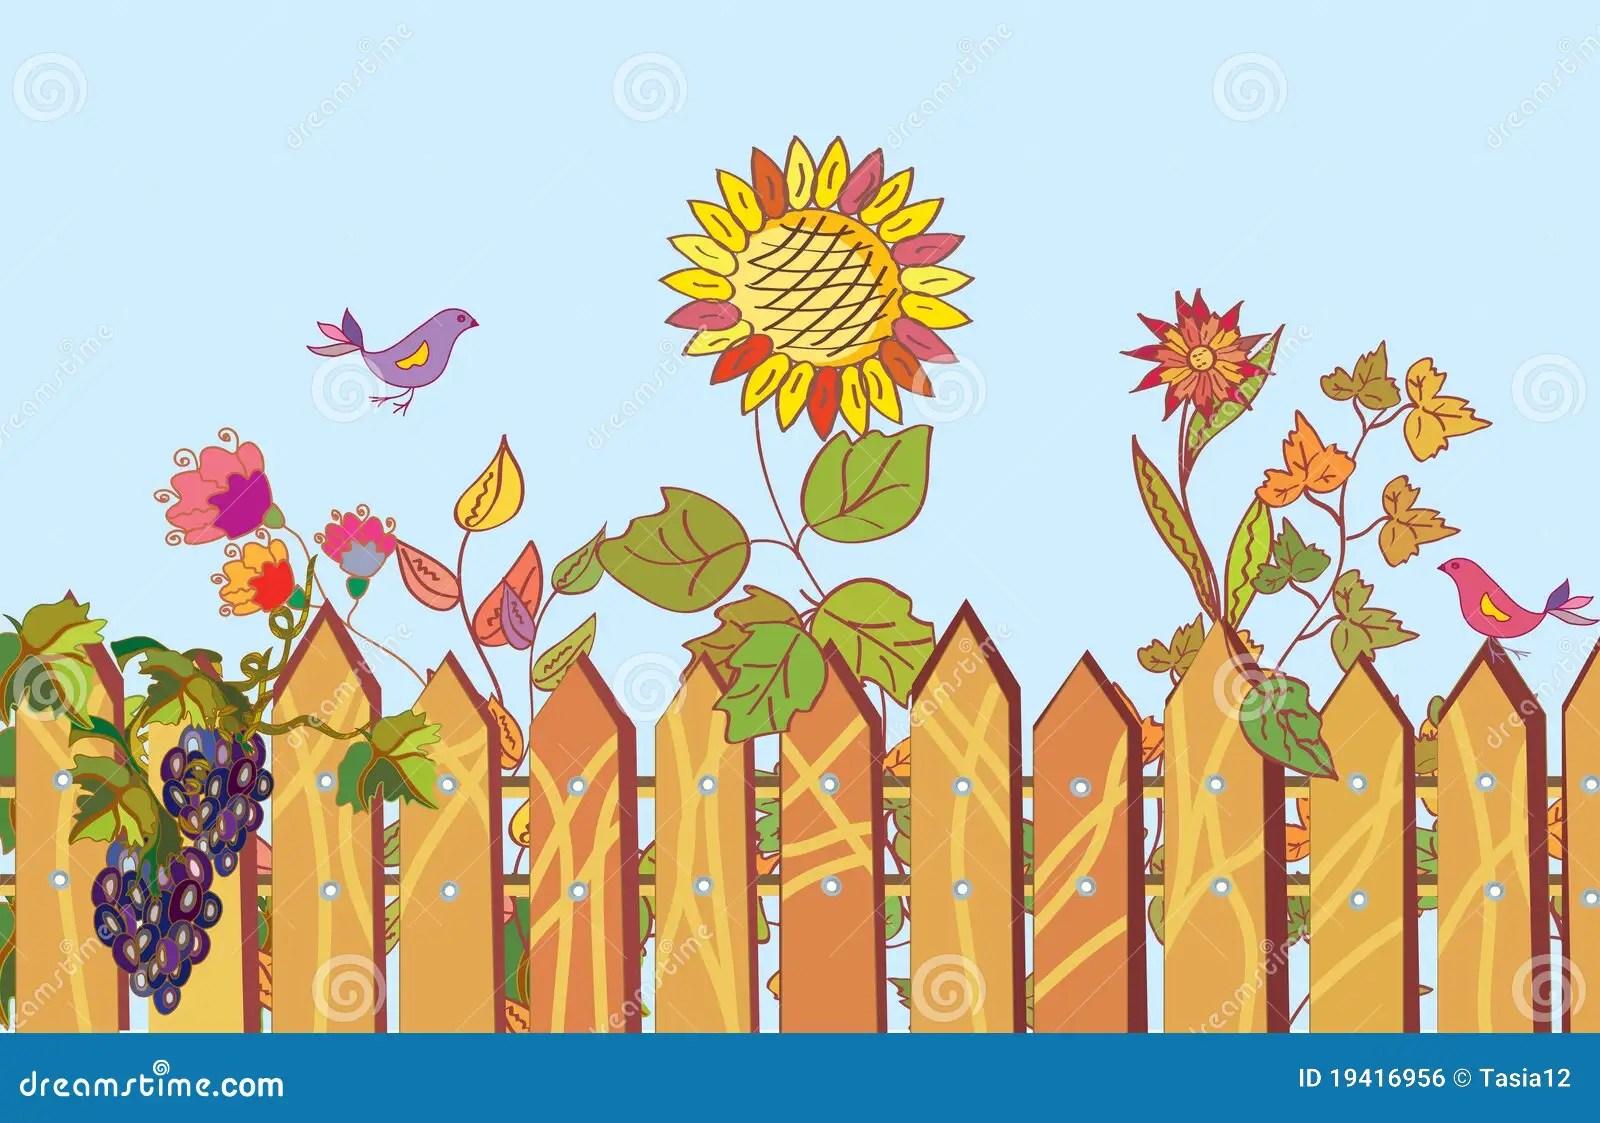 Fall Cartoon Wallpaper Beira Da Cerca E Dos Desenhos Animados Das Flores